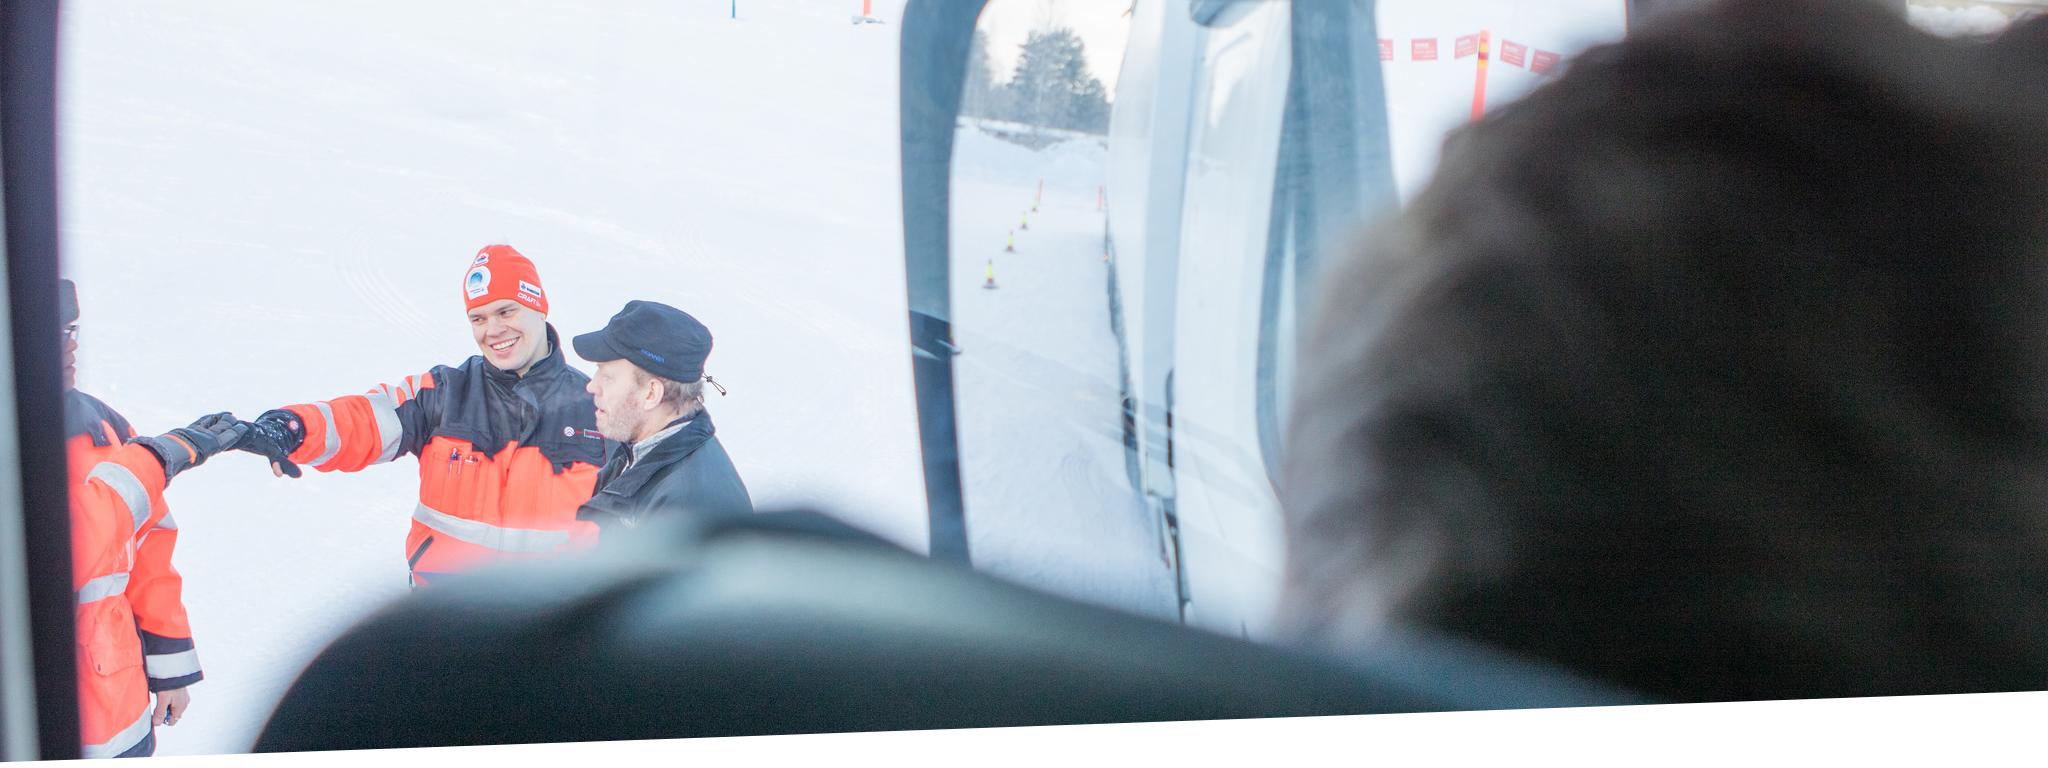 Kuva on otettu rekan sisällä. Ulkona miehet iskevät kädet yhteen hymyillen. Talvikuva.